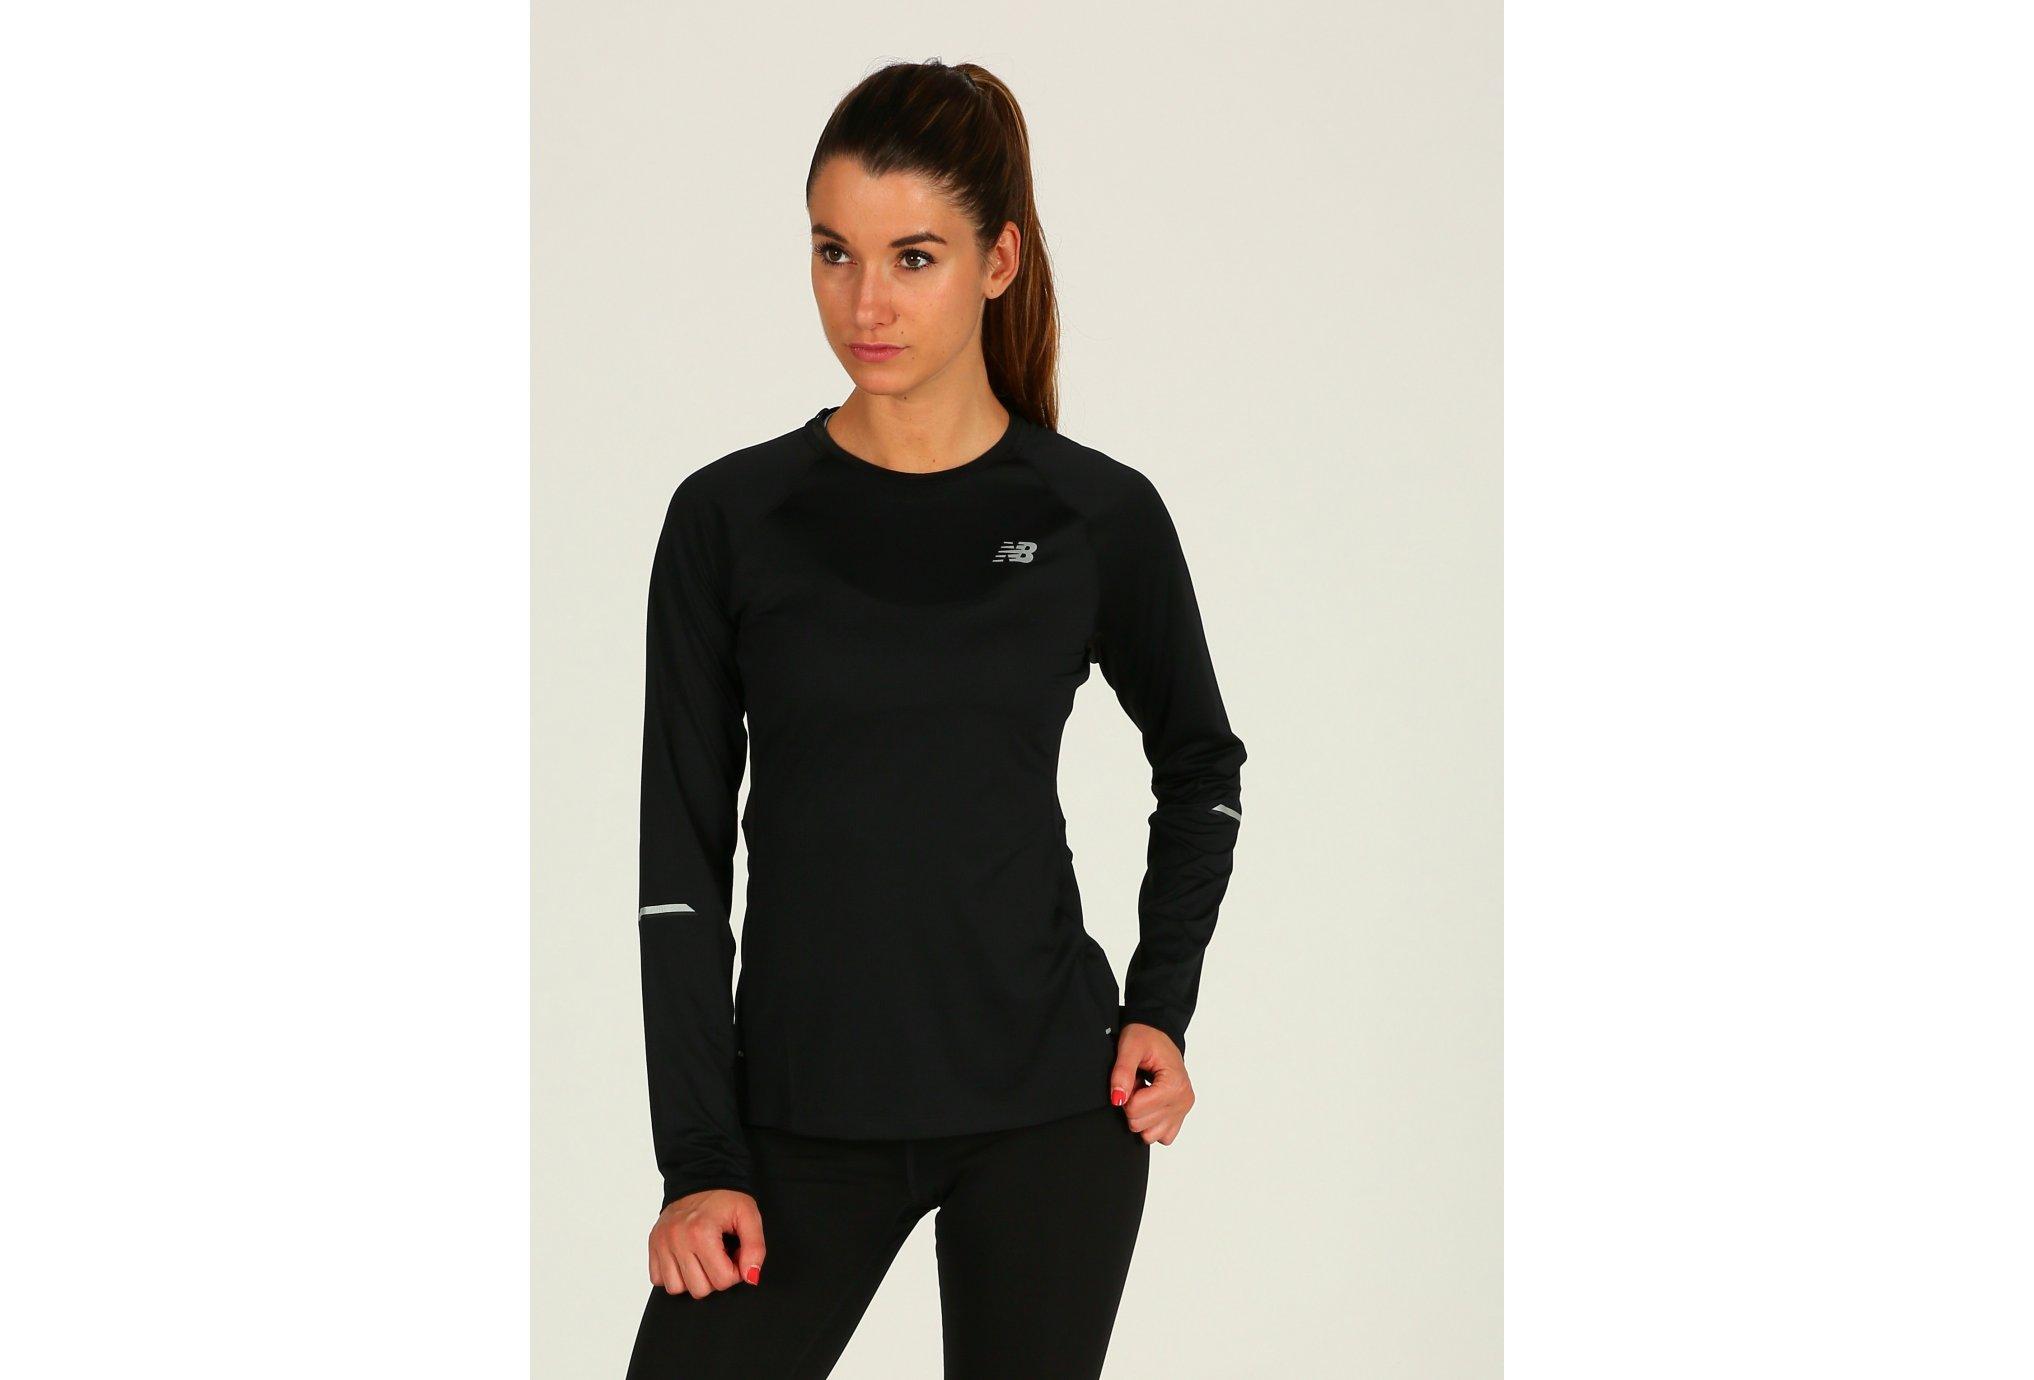 bas prix 7f10a 7b1eb Nordicfit, Sport et Santé - New Balance Ice 2.0 W vêtement ...